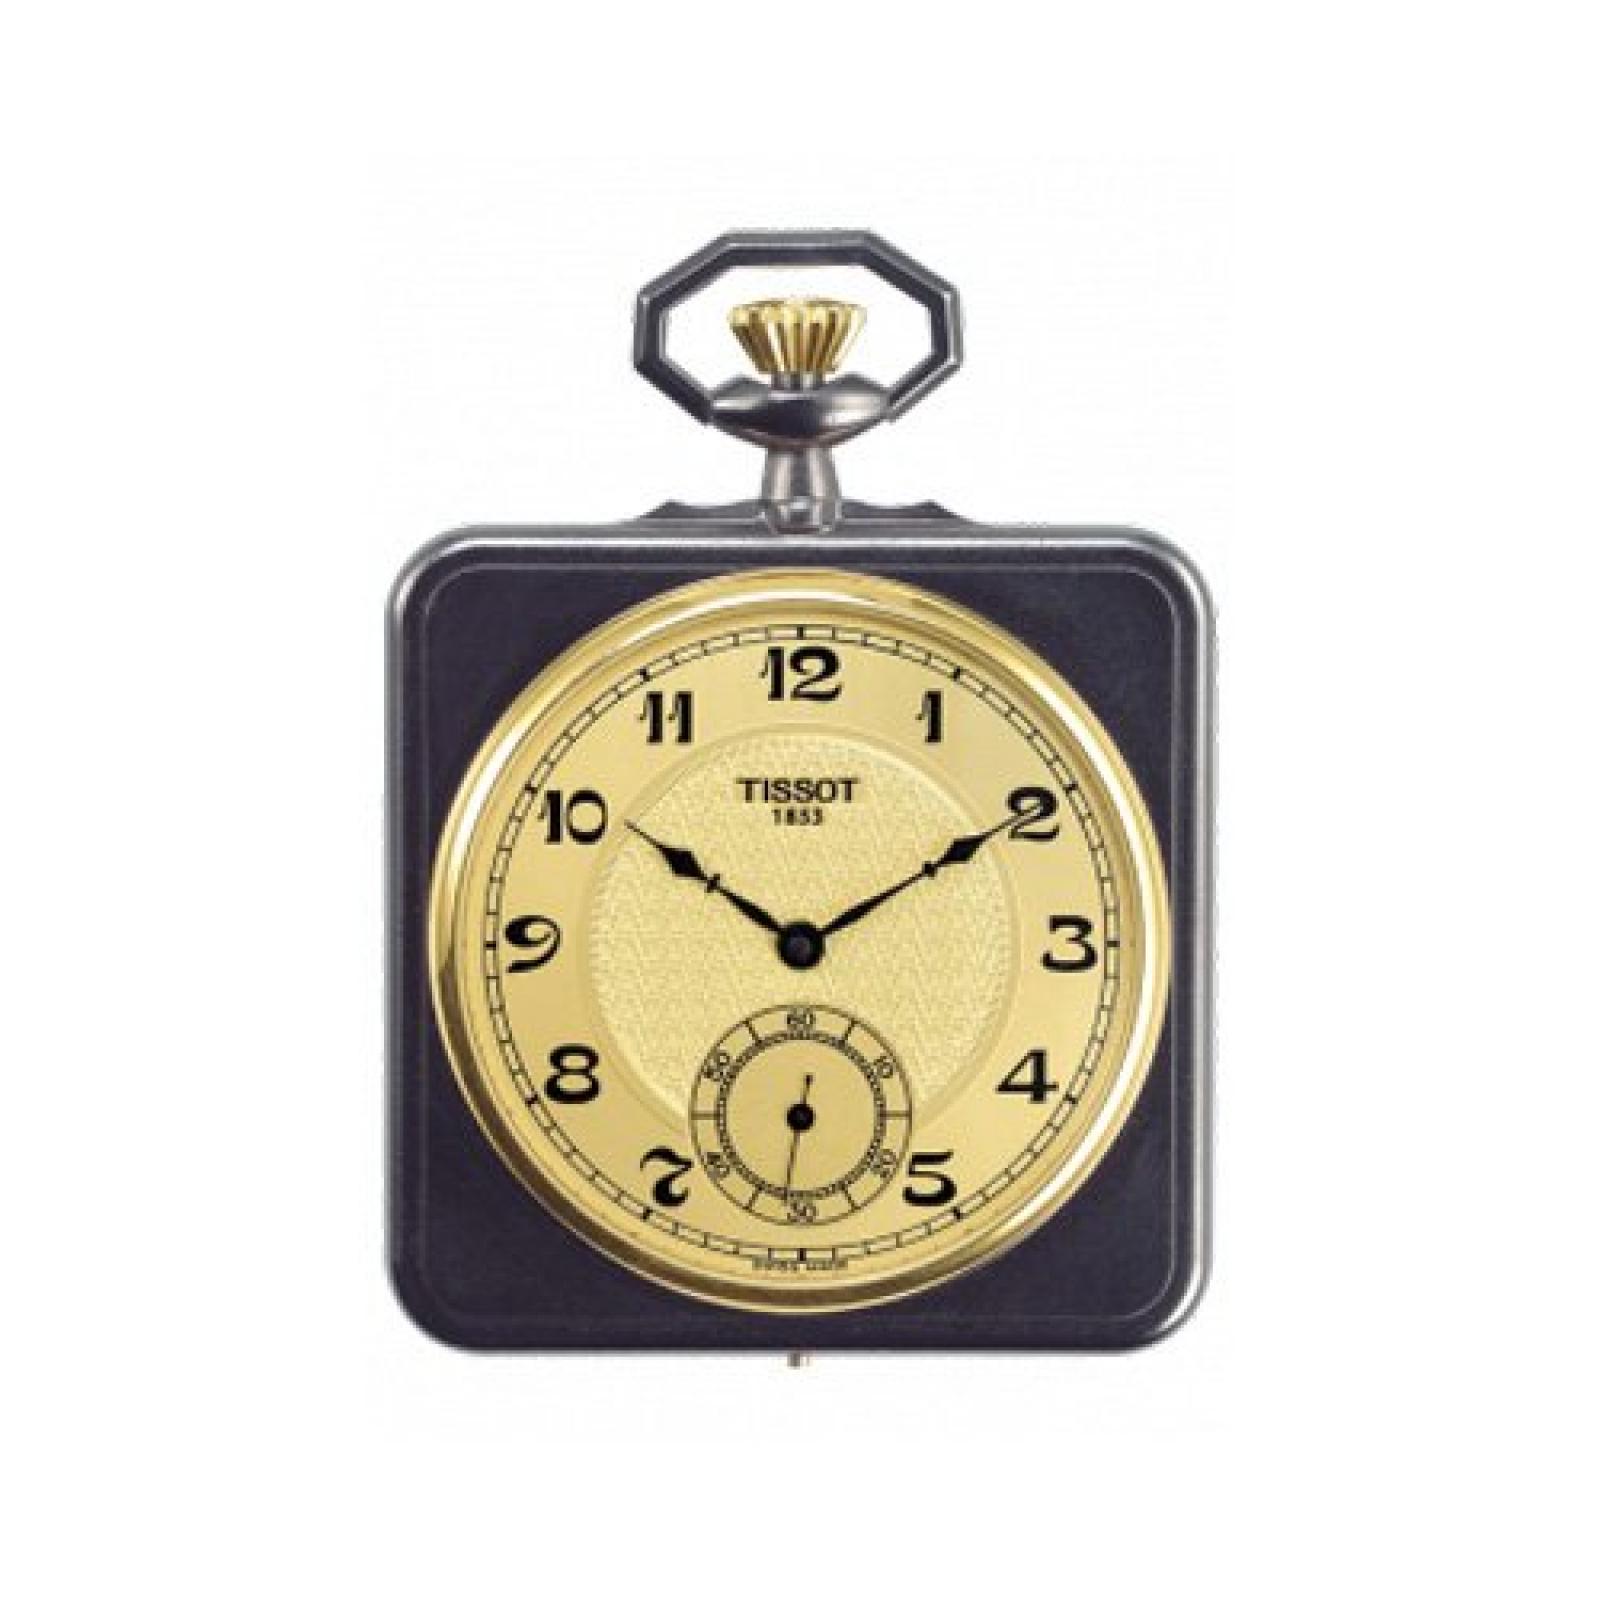 TISSOT Taschenuhr BAG WATCH T86670322